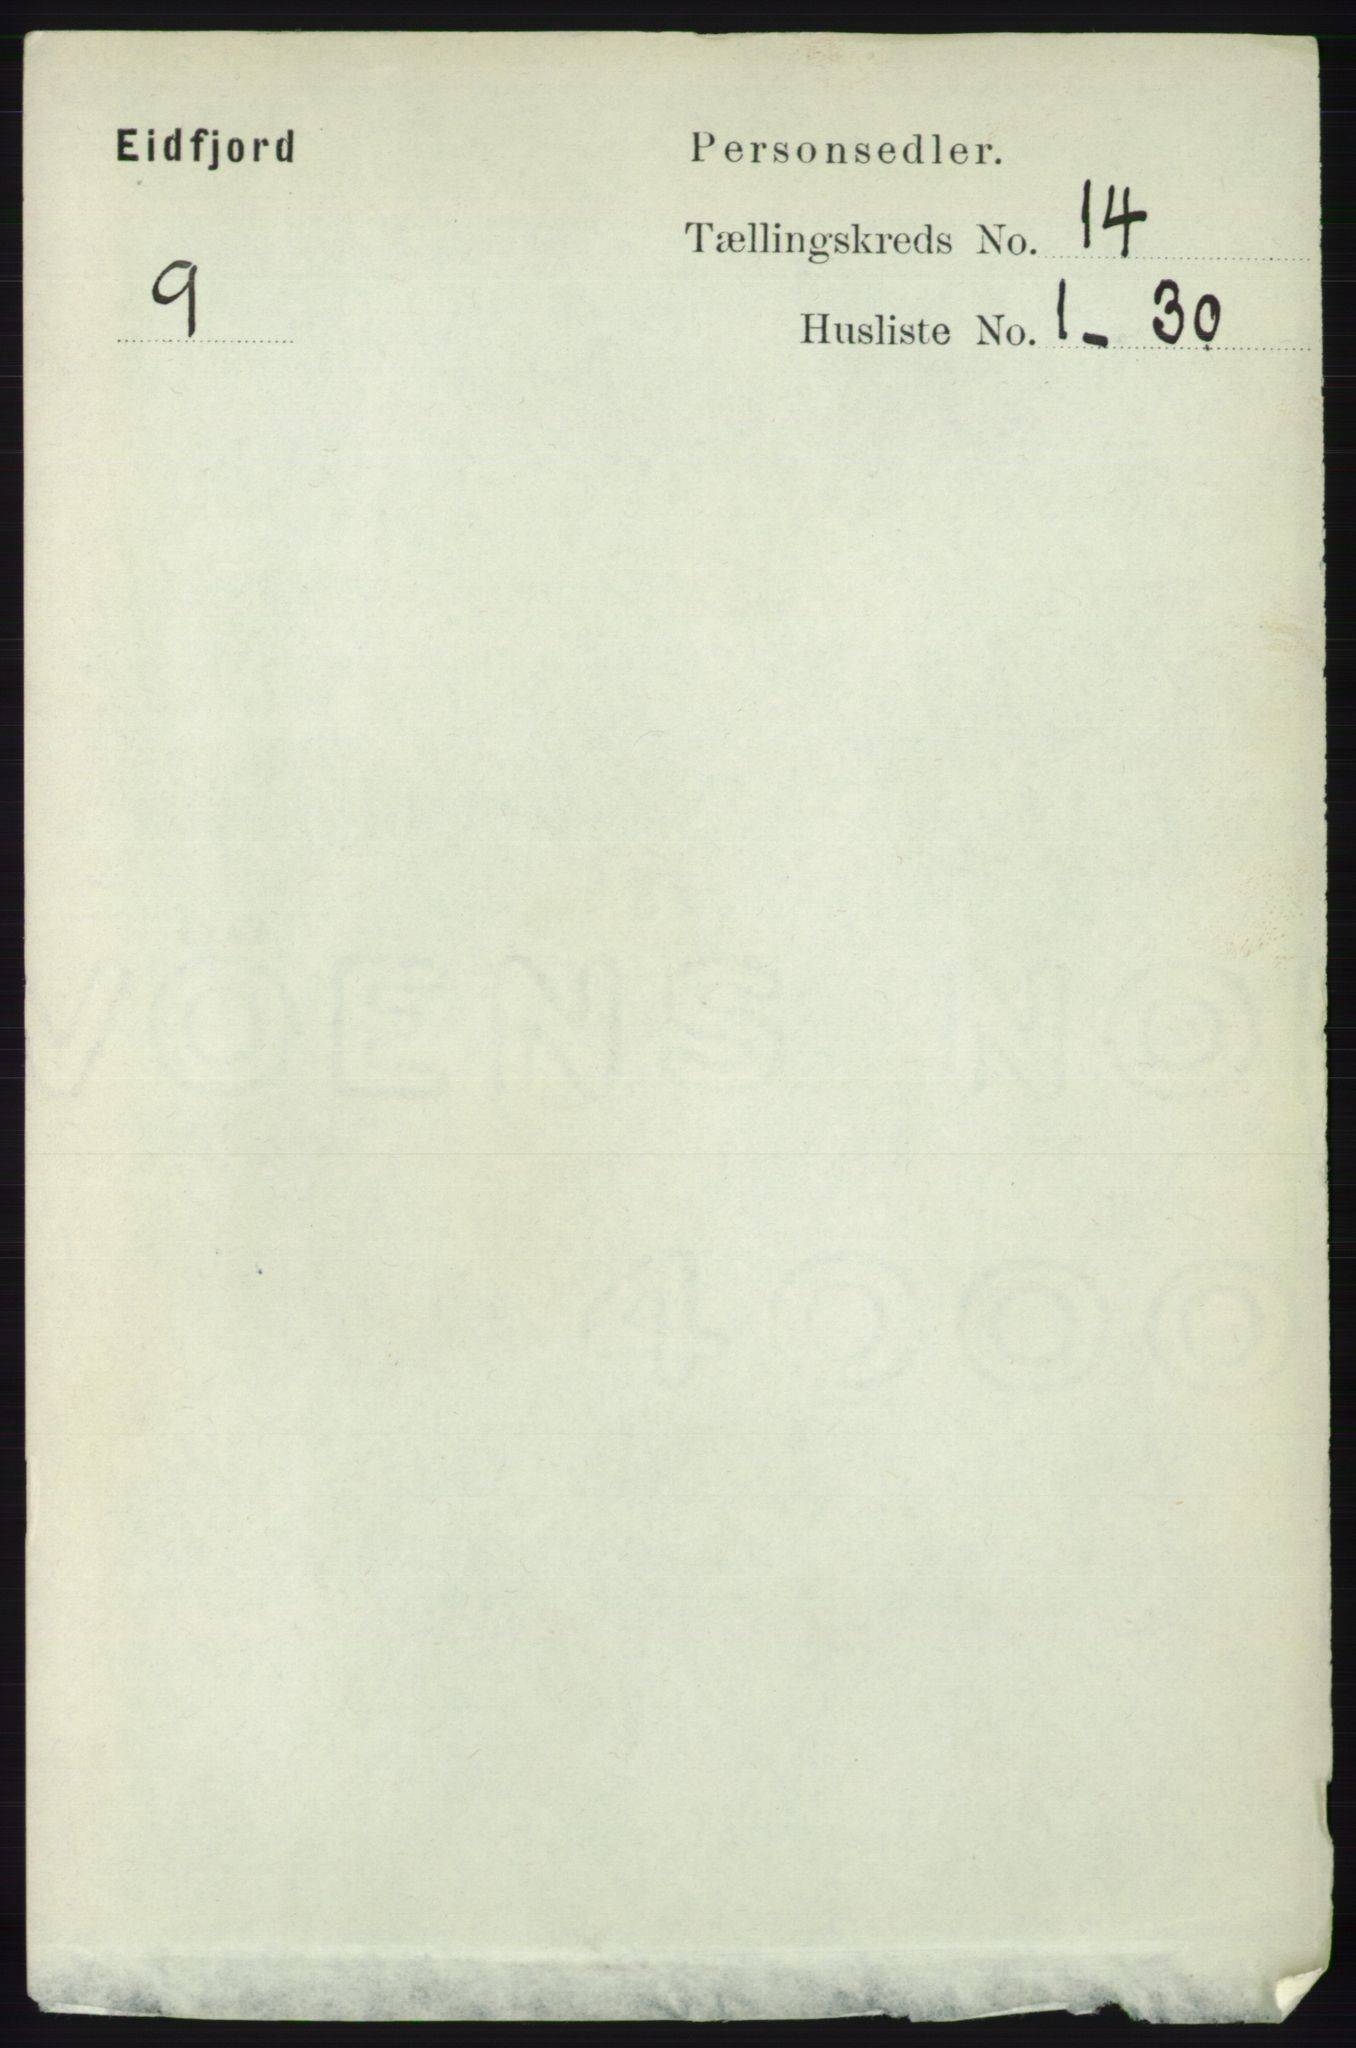 RA, Folketelling 1891 for 1233 Ulvik herred, 1891, s. 4274